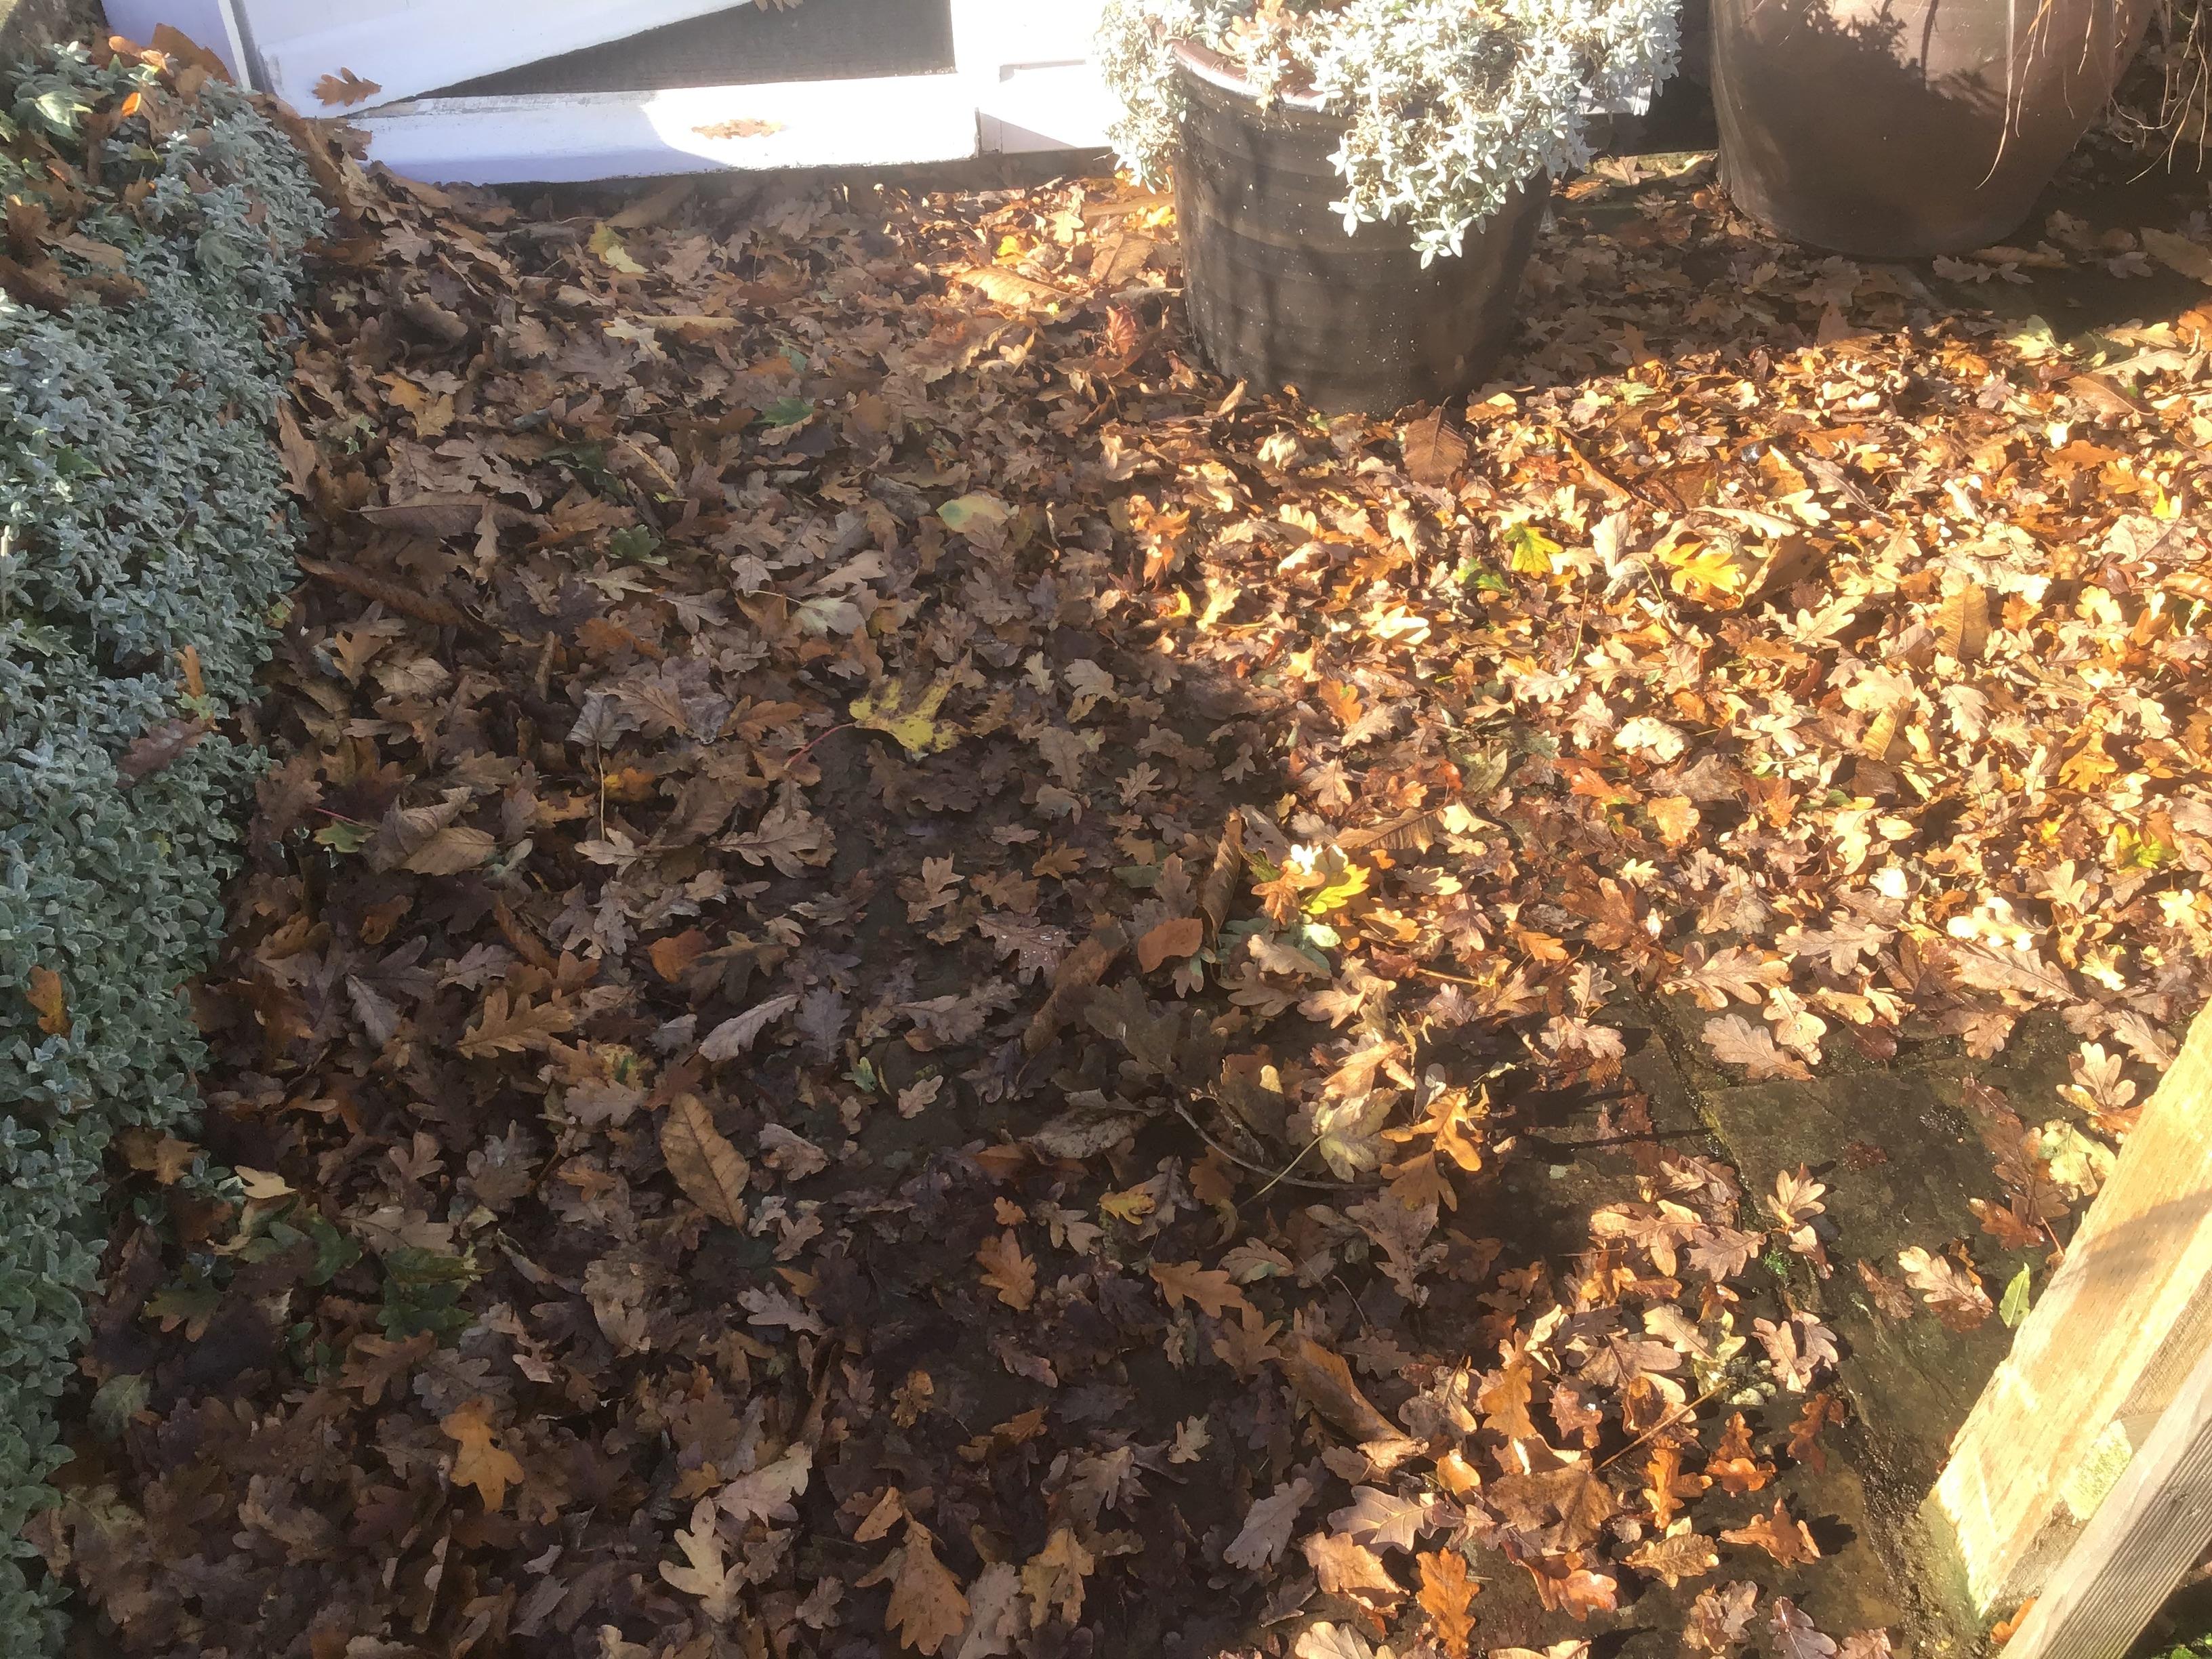 Revenge of the leafy